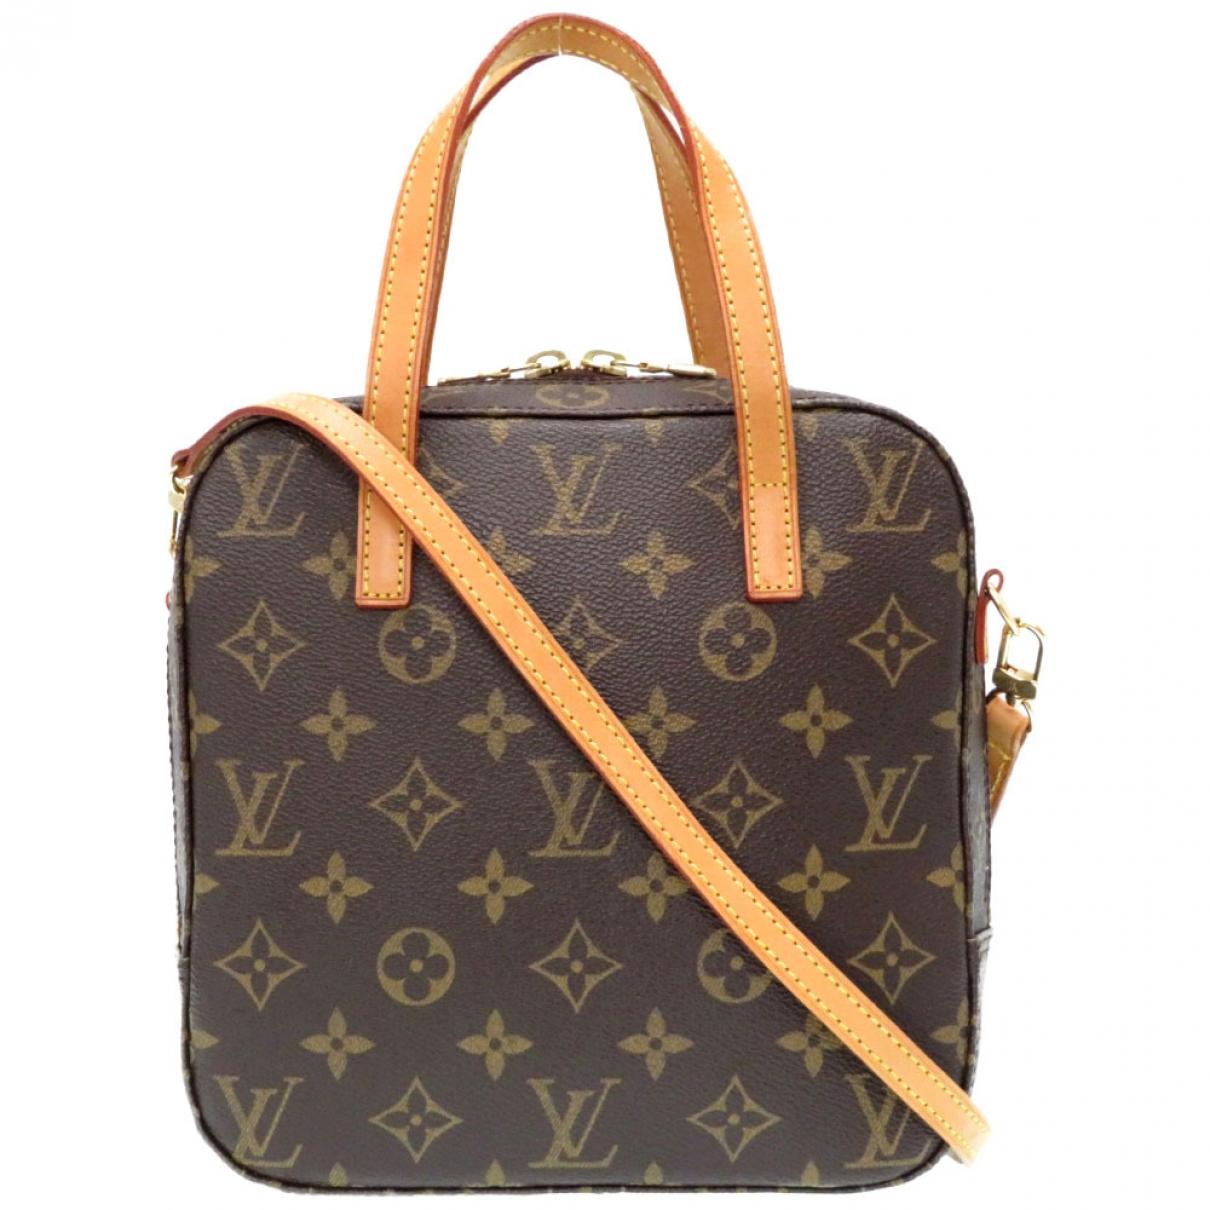 Louis Vuitton - Sac a main Spontini pour femme en toile - marron